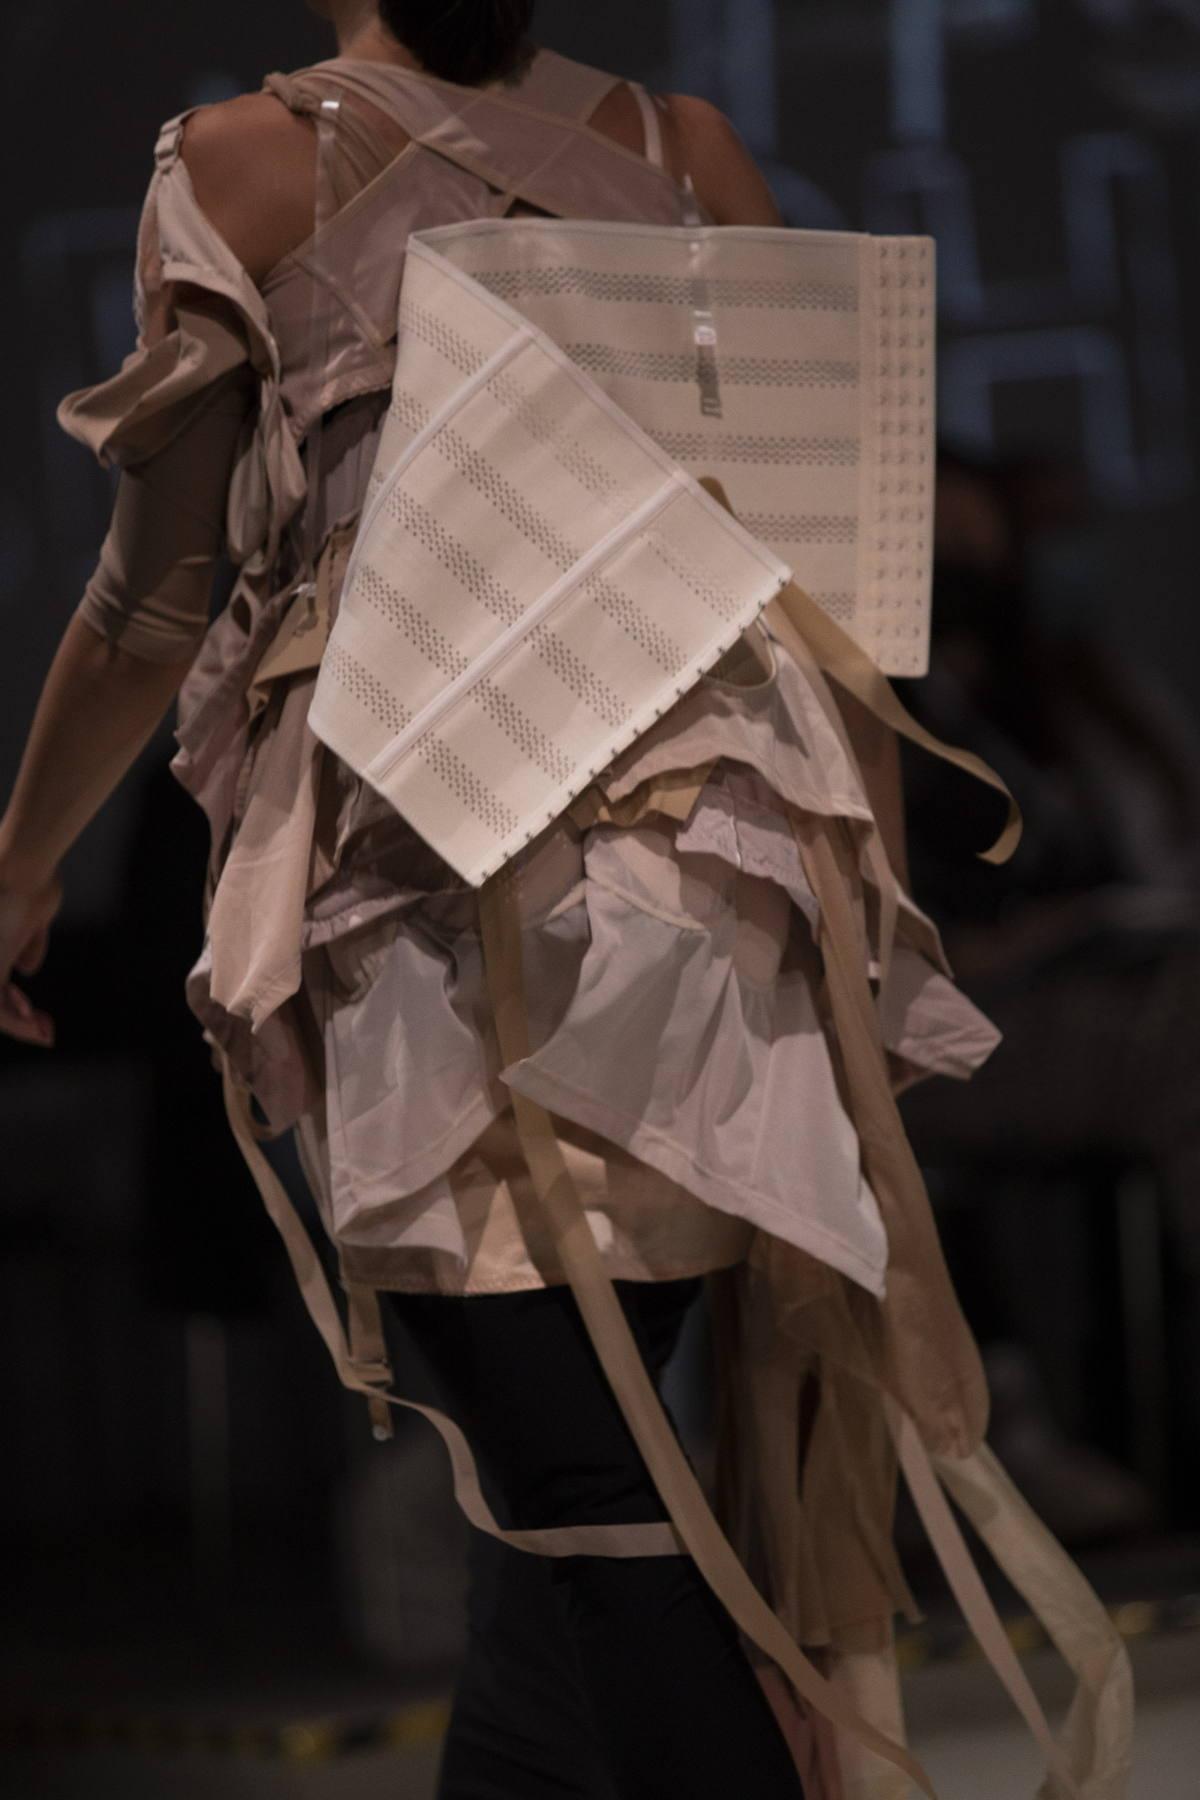 Neo Fashion Awards, Neo.Fashion, emerging designers from Germany, Berlin Fashion Week, Fashion University Germany, Aylin Tomta, Flora Taubner, Best Craftsmanship award, Burg Giebichstein Kunsthochschule Halle, Best Sustainability Concept Award, Akademie für Mode und Design, Paul Kadjo